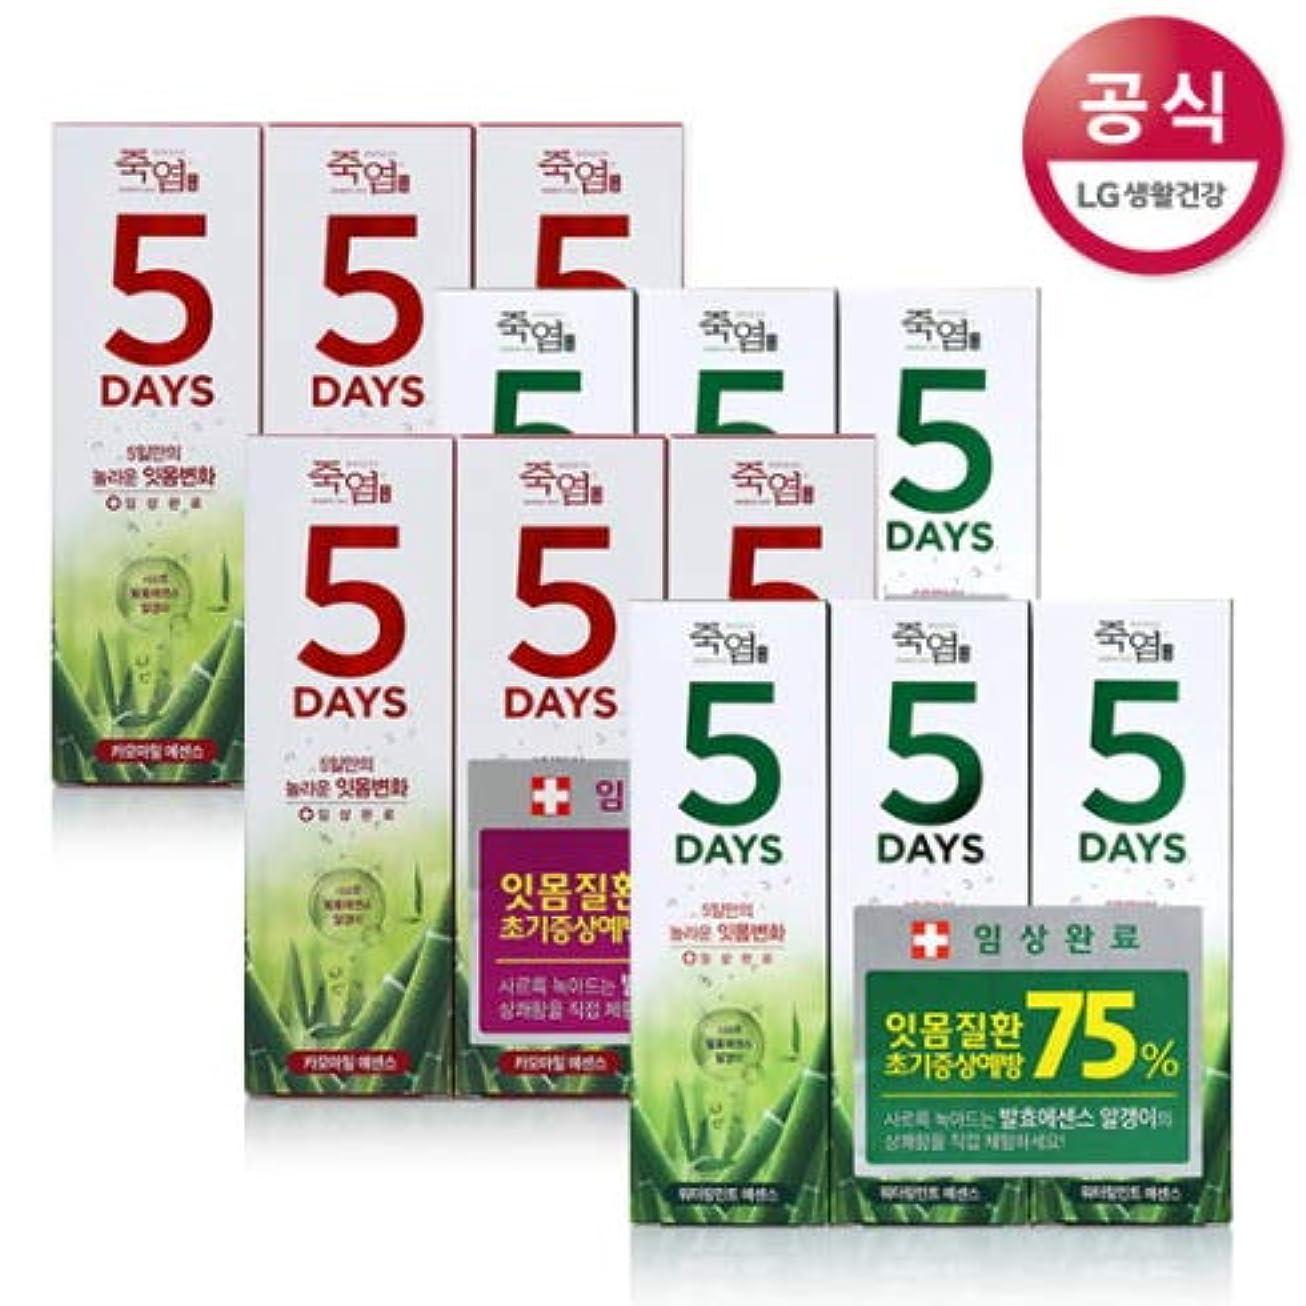 スイス人石化する巨大な[LG HnB] Bamboo Salt 5days Toothpaste /竹塩5days歯磨き粉 100gx12個(海外直送品)